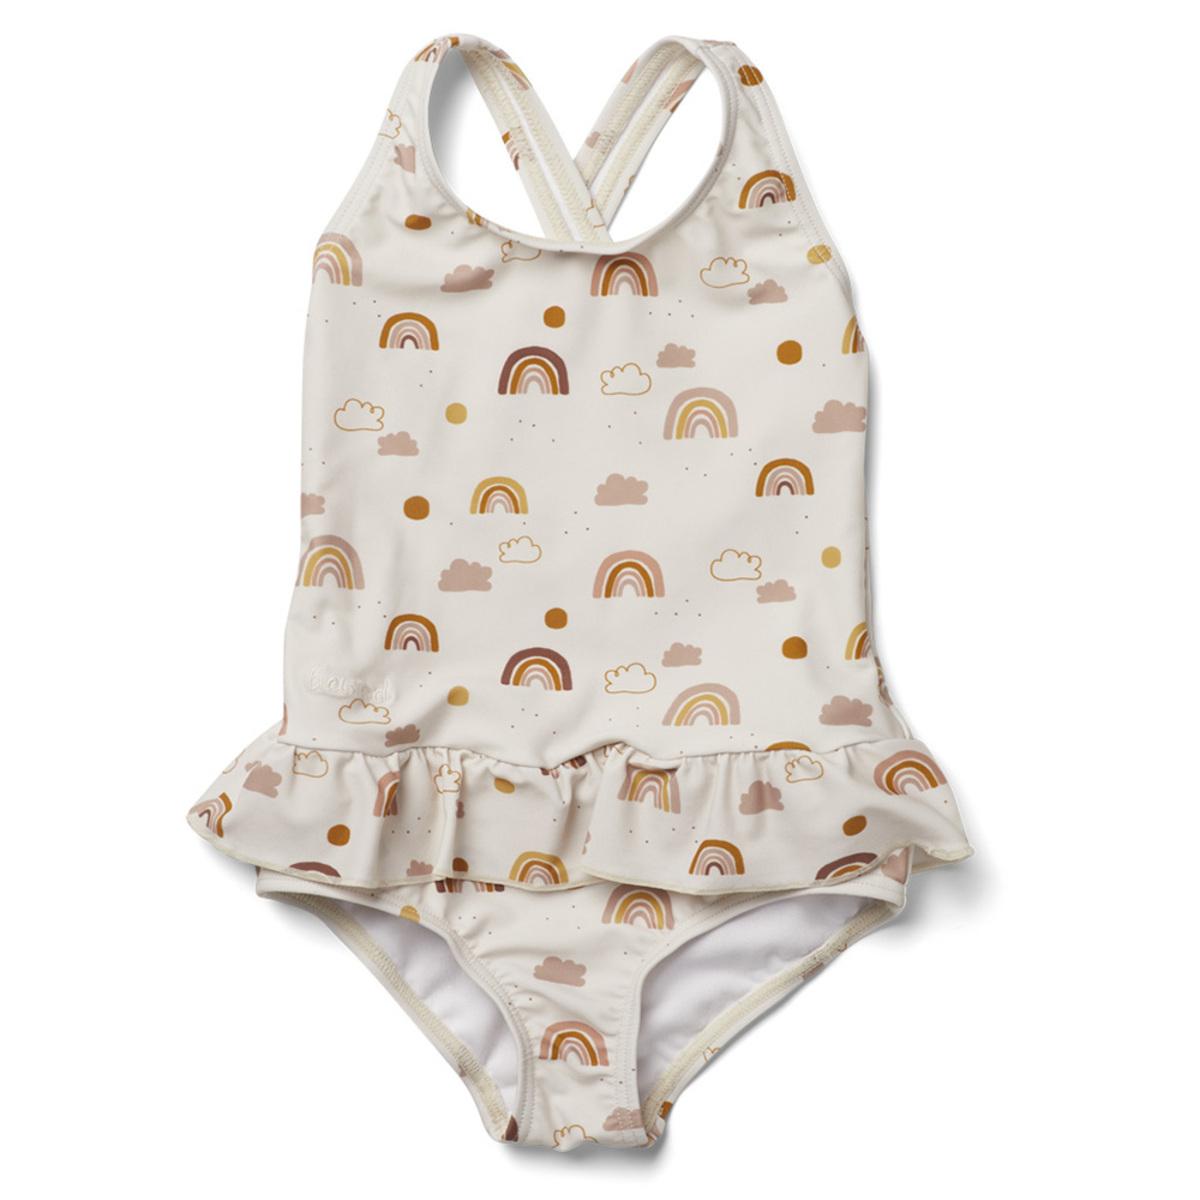 Accessoires bébé Maillot de Bain Amara Rainbow Love Sandy - 18/36 Mois Maillot de Bain Amara Rainbow Love Sandy - 18/36 Mois